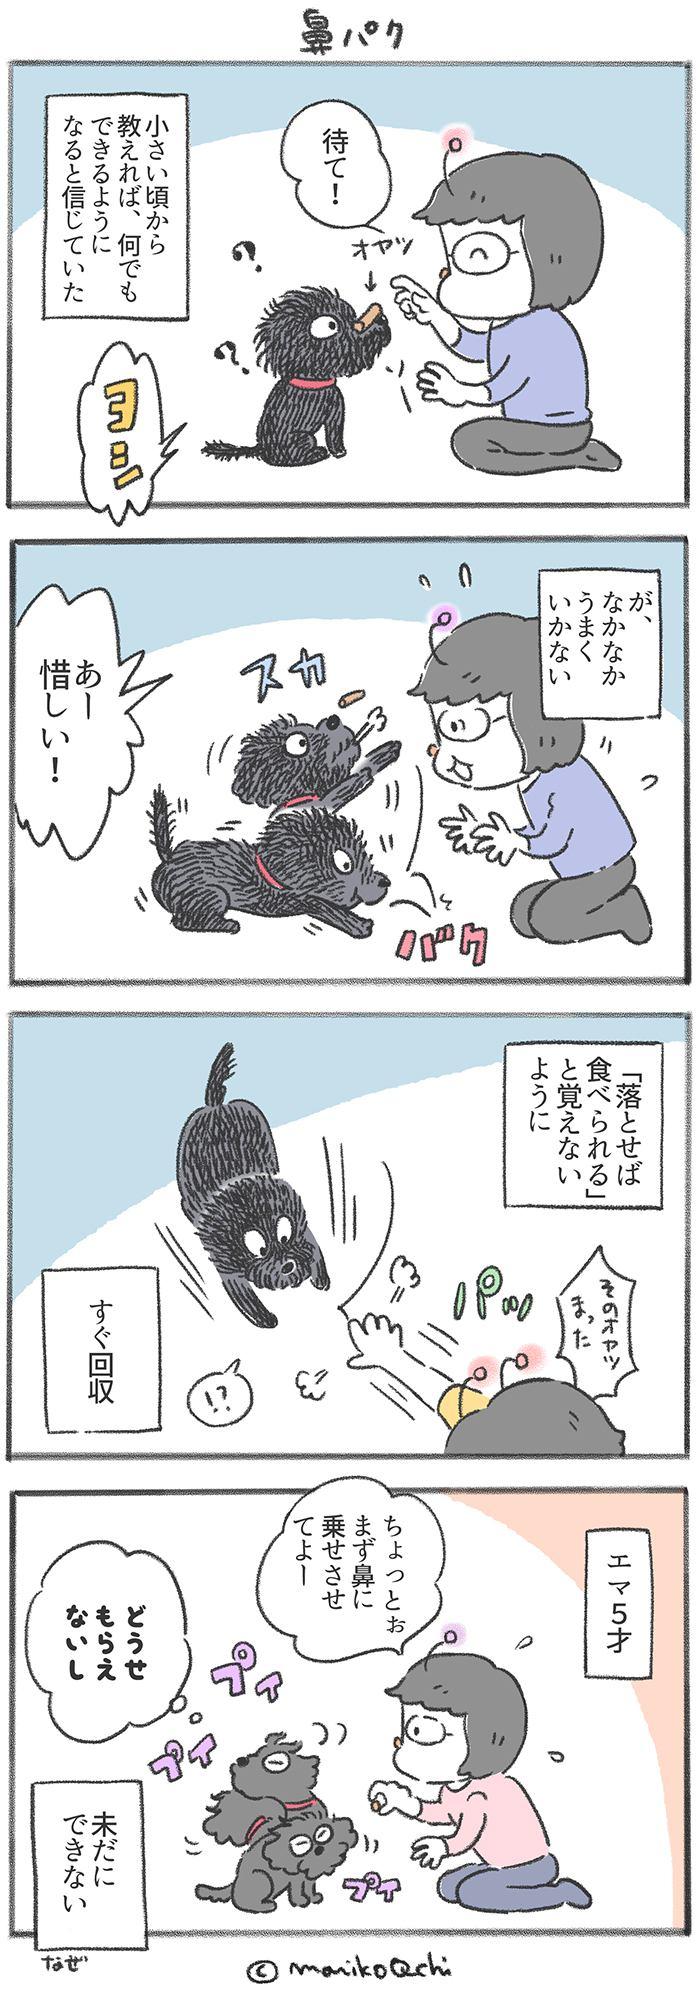 犬と暮らせば 第182話